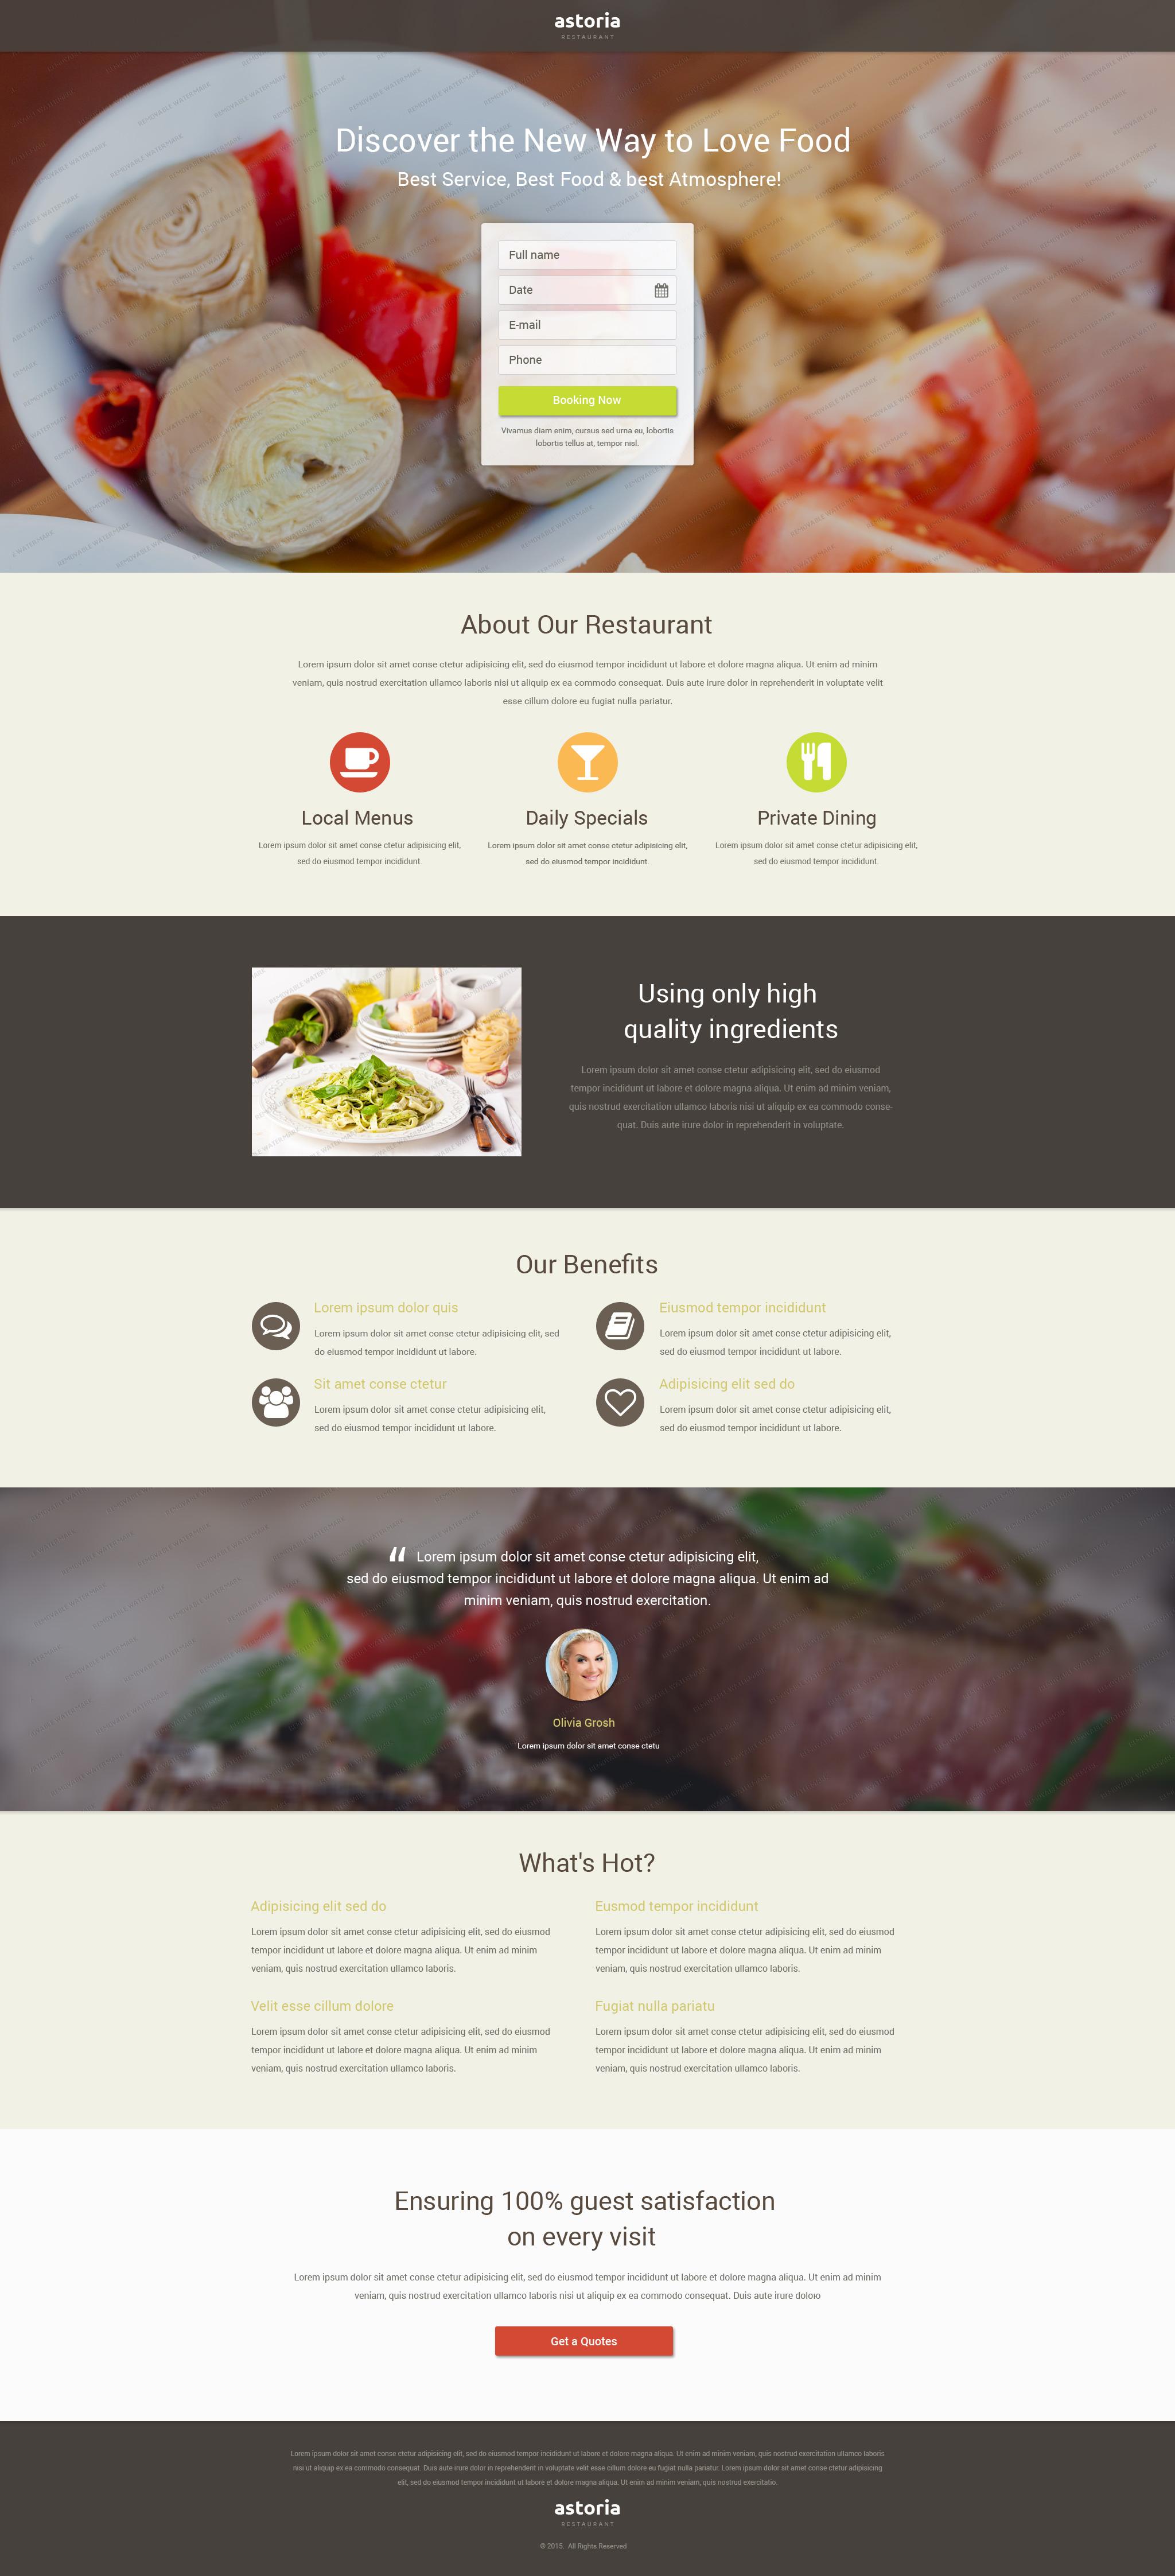 Бесплатный шаблон лендинга для ресторана №53722 - скриншот